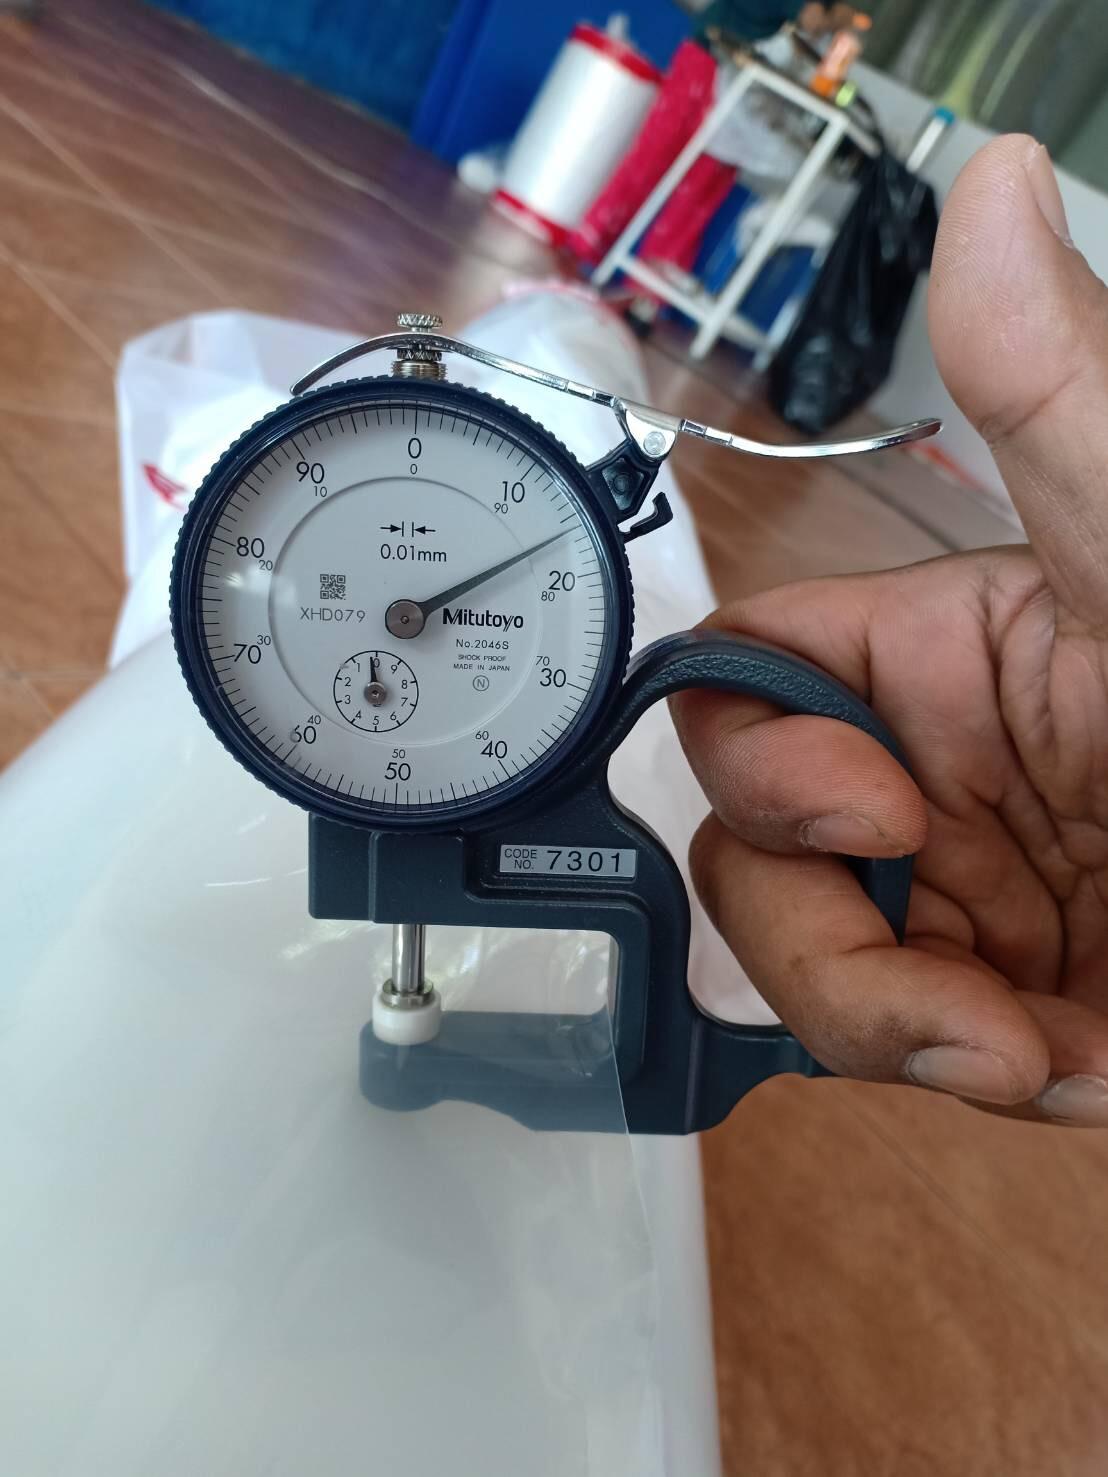 ตัวอย่างรูปประกอบการวัดความหนาของถุงพลาสติกโดย endupak